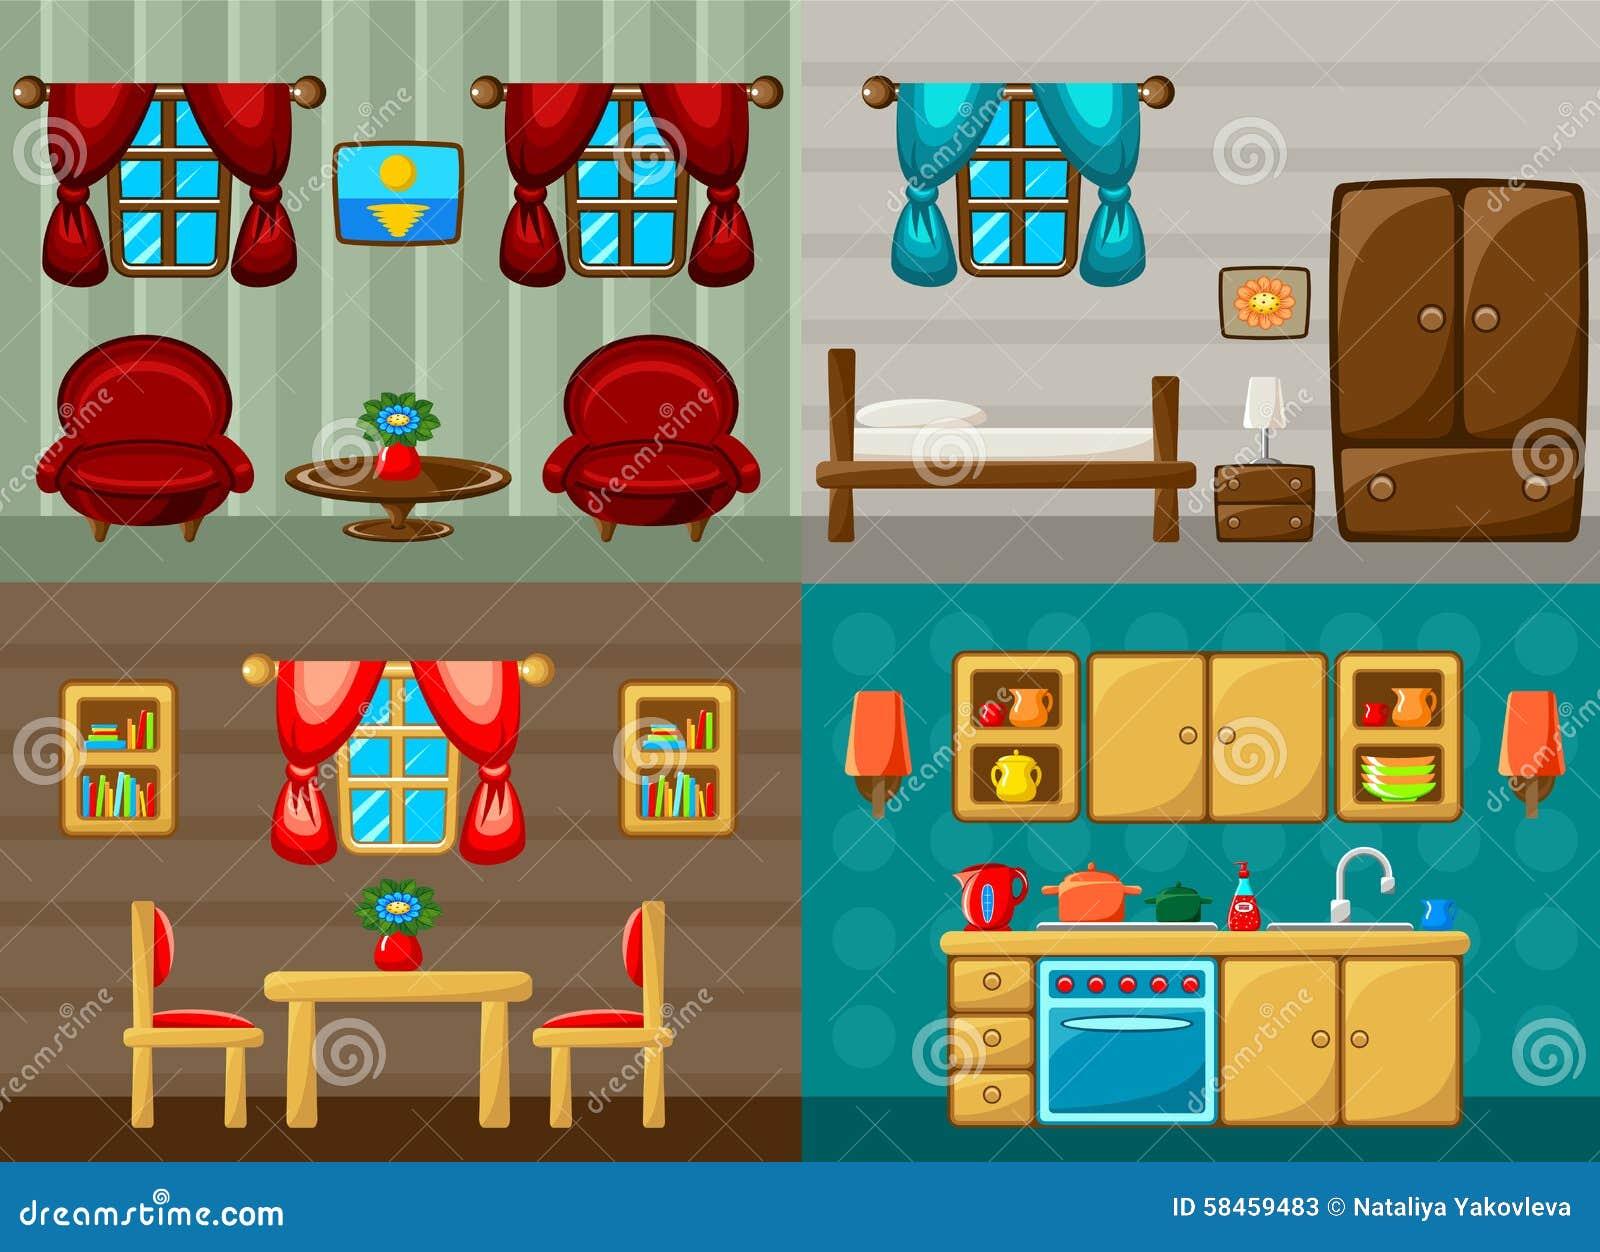 Quattro Stanze Di Vettore Camera Da Letto Salotto Sala Da Pranzo E Cucina Illustrazione Vettoriale Illustrazione Di Fumetto Finestra 58459483